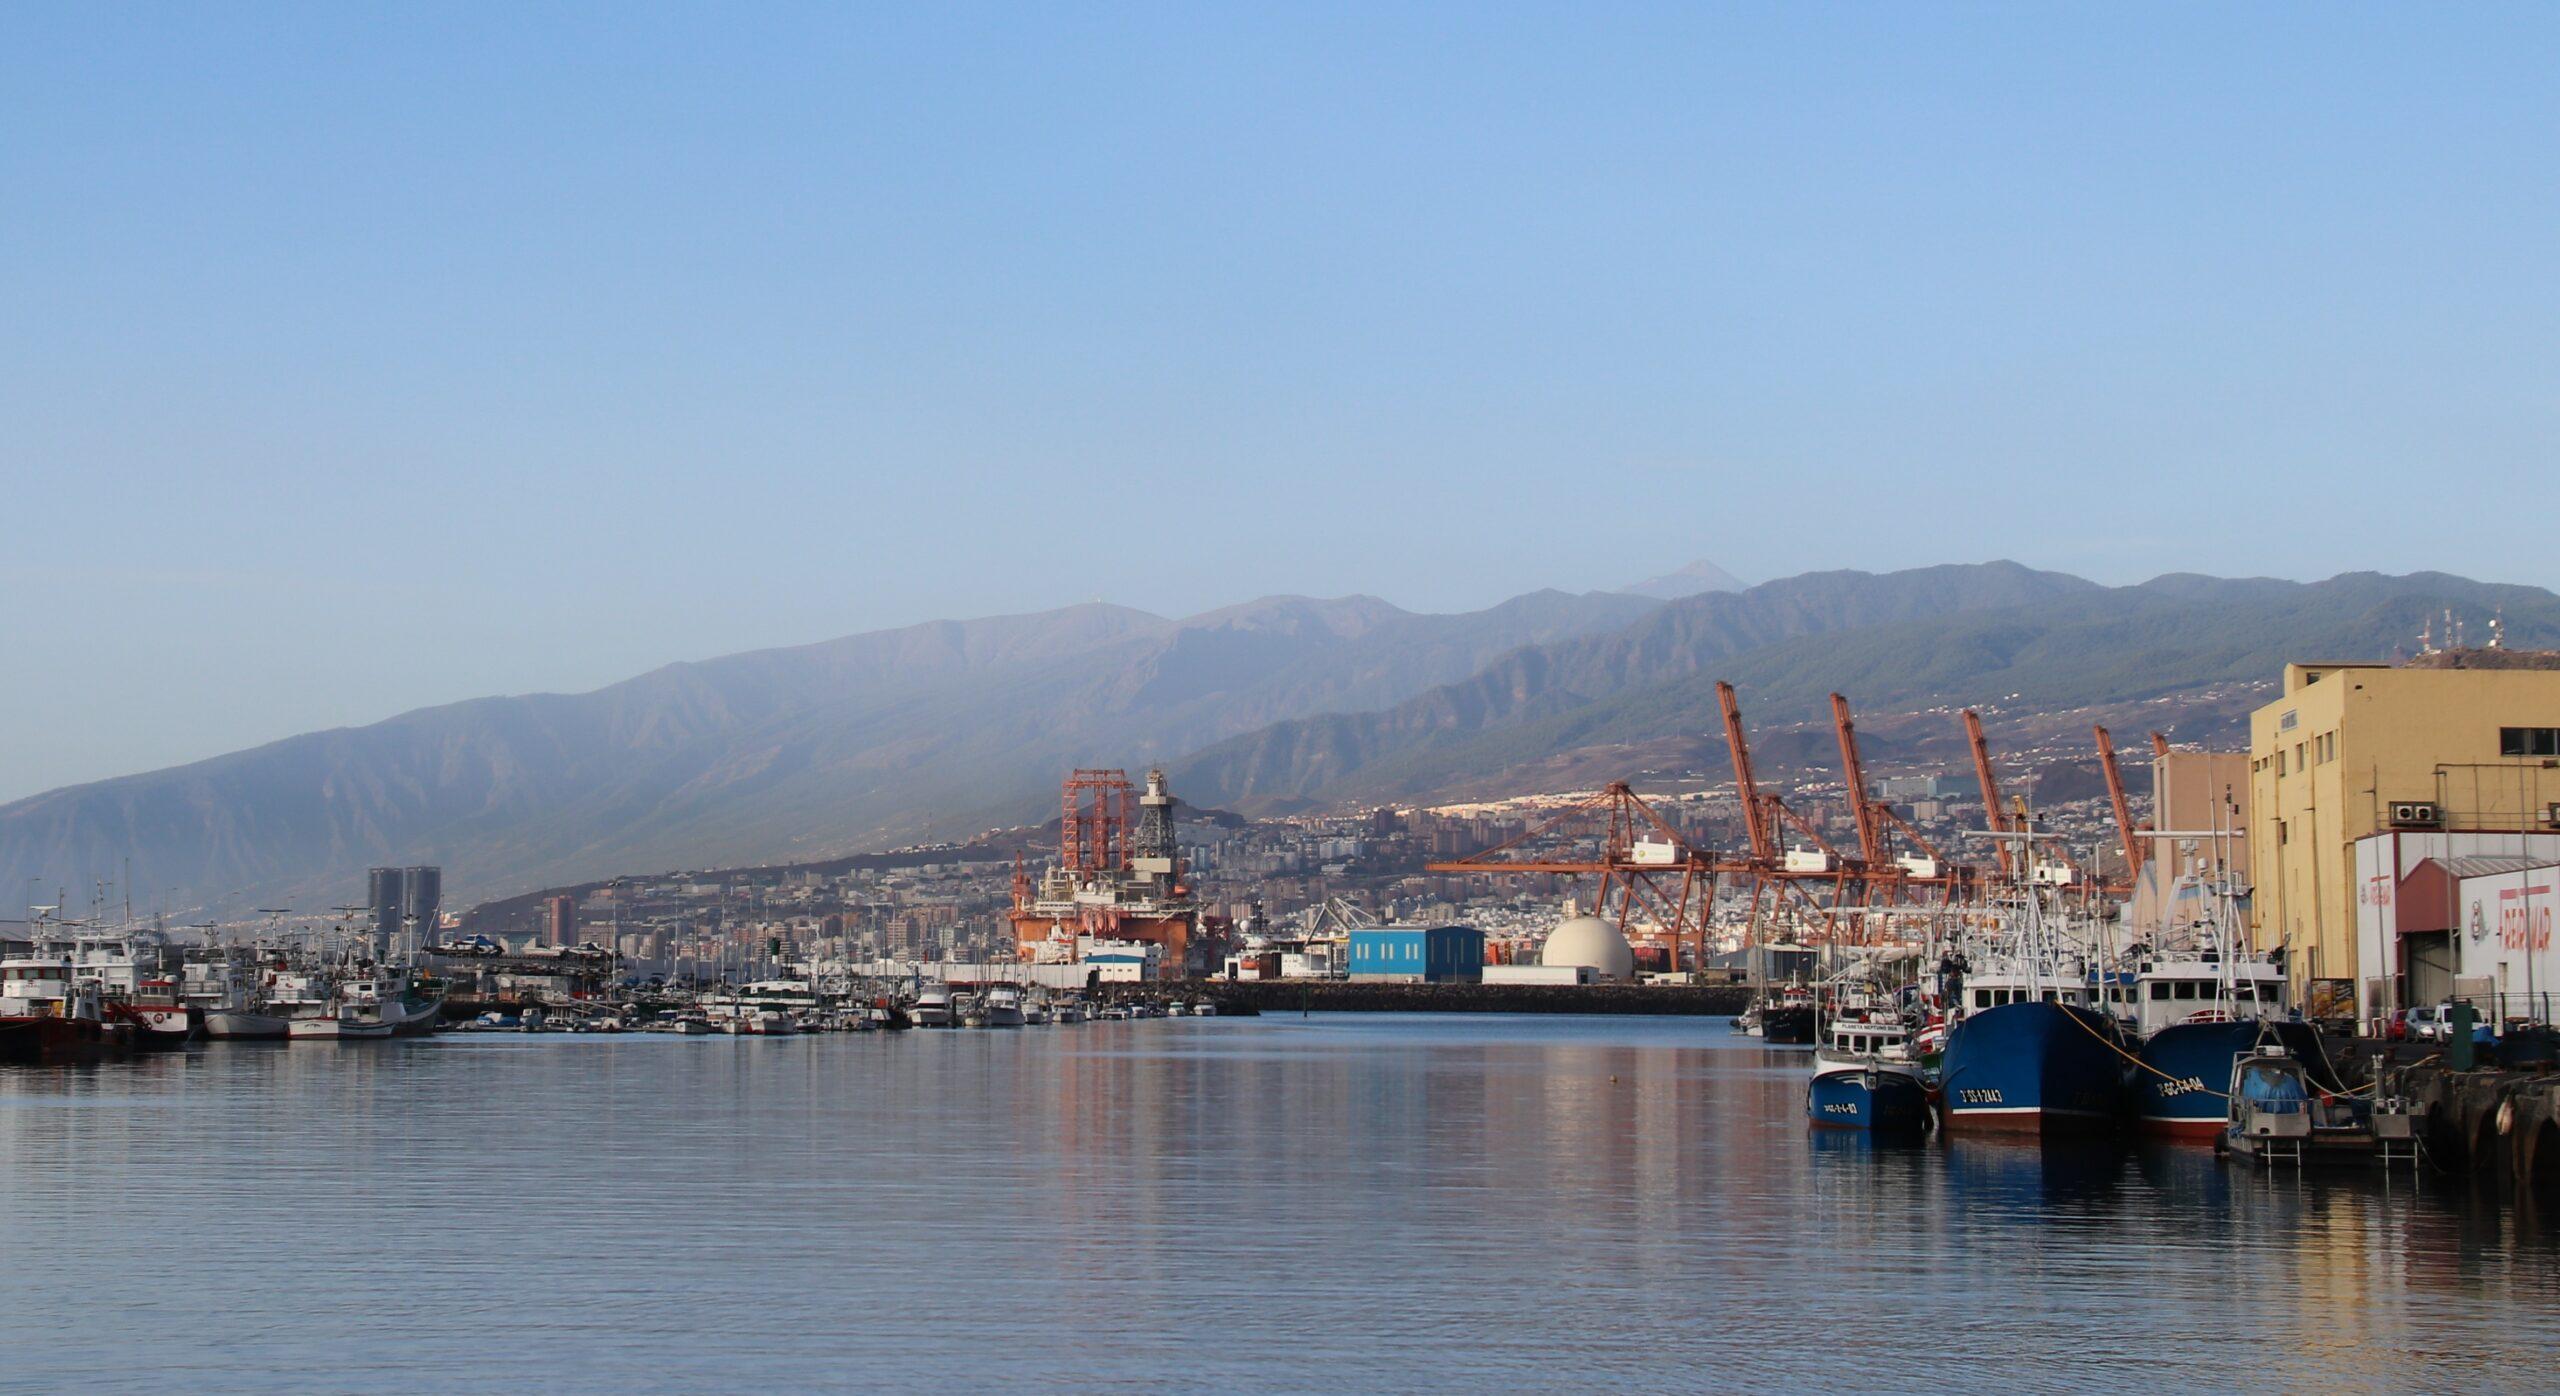 El Ministerioregulará la limitacióndeacceso a las aguas del caladerocanarioa petición del Gobiernoregional